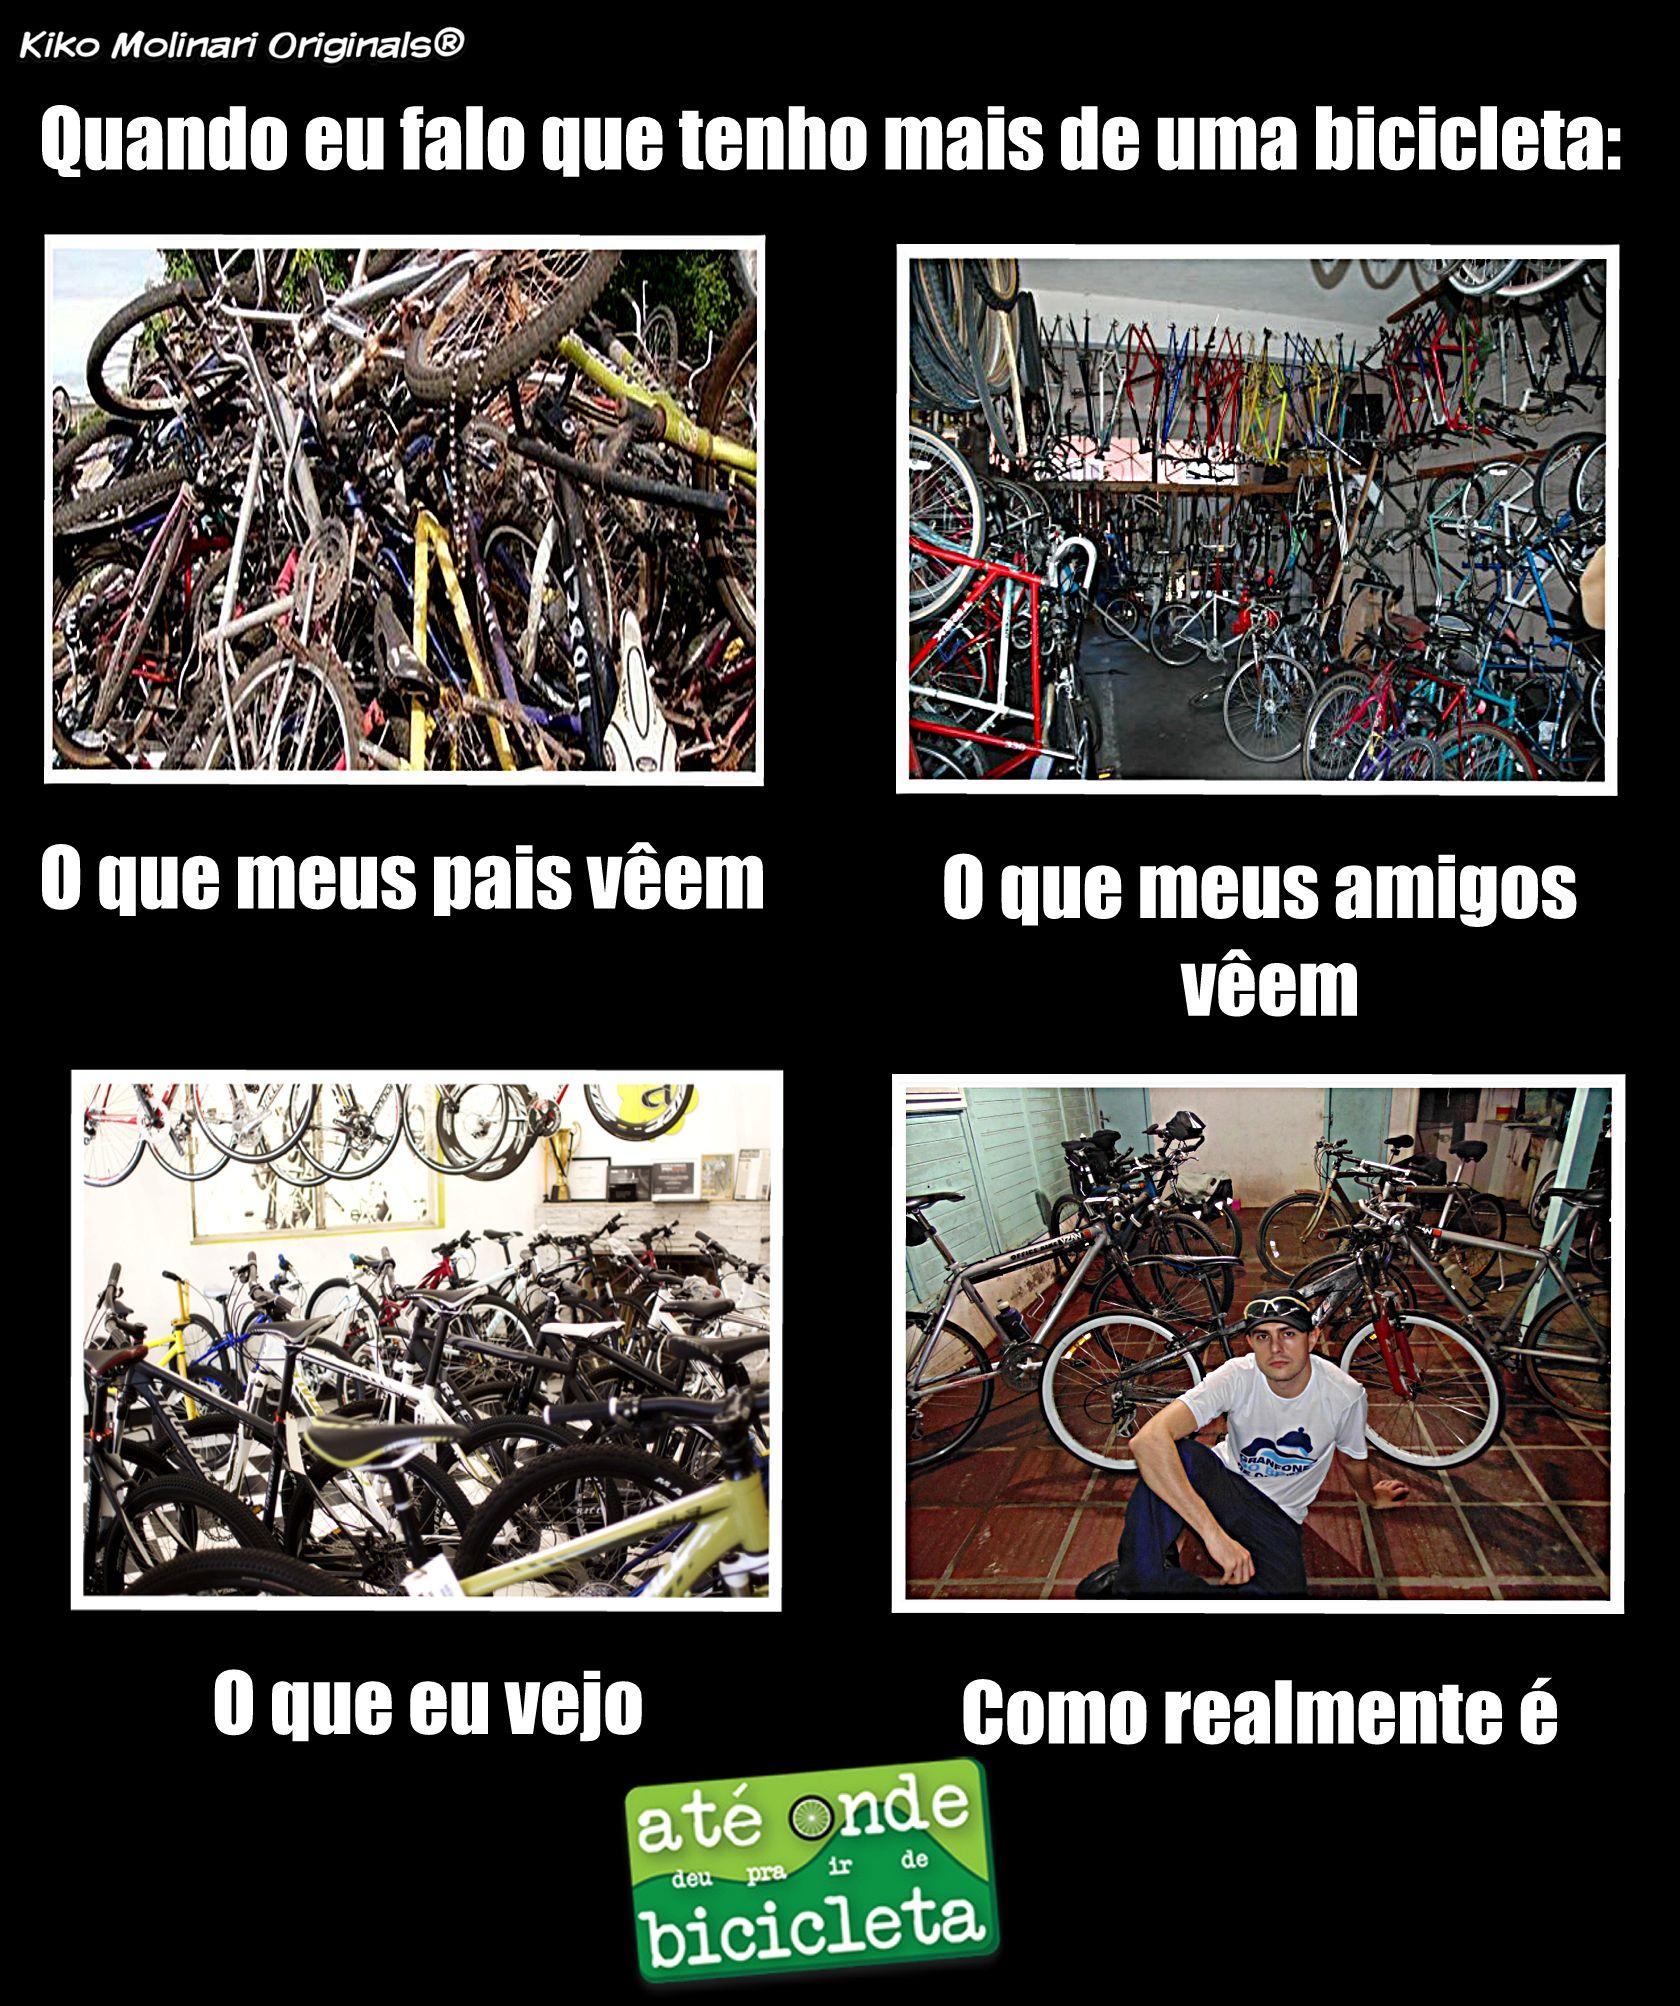 Bike memes - ter mais de uma bicicleta